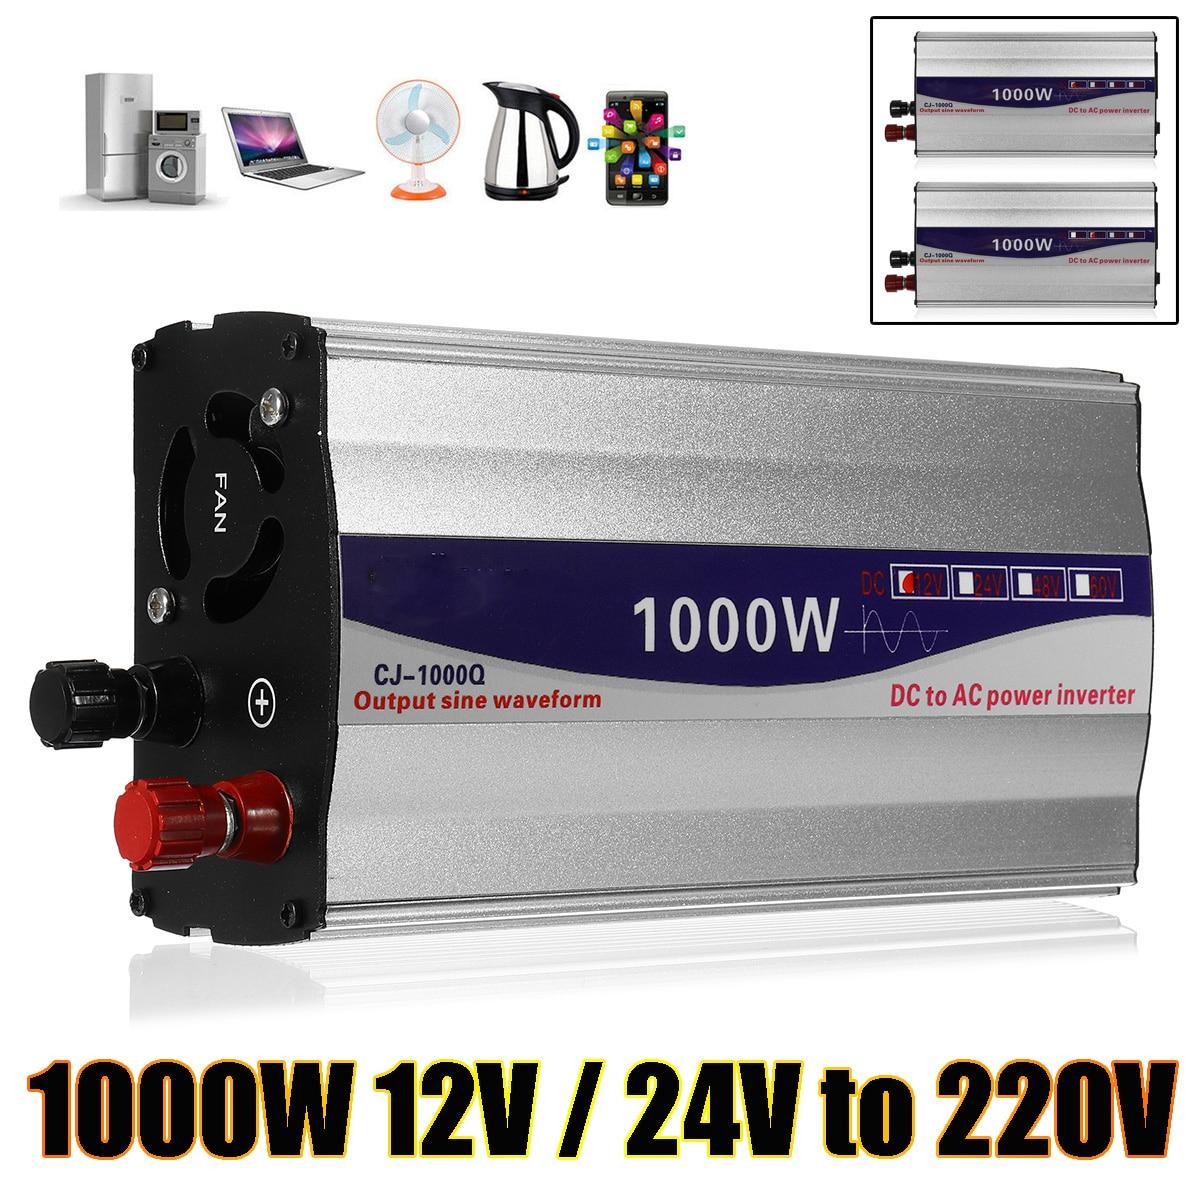 1000 Вт мощность Инвертор 12 В в/24 В в чистая синусоида USB к AC мощность 220 В инвертор питание для автомобиля бытовая техника